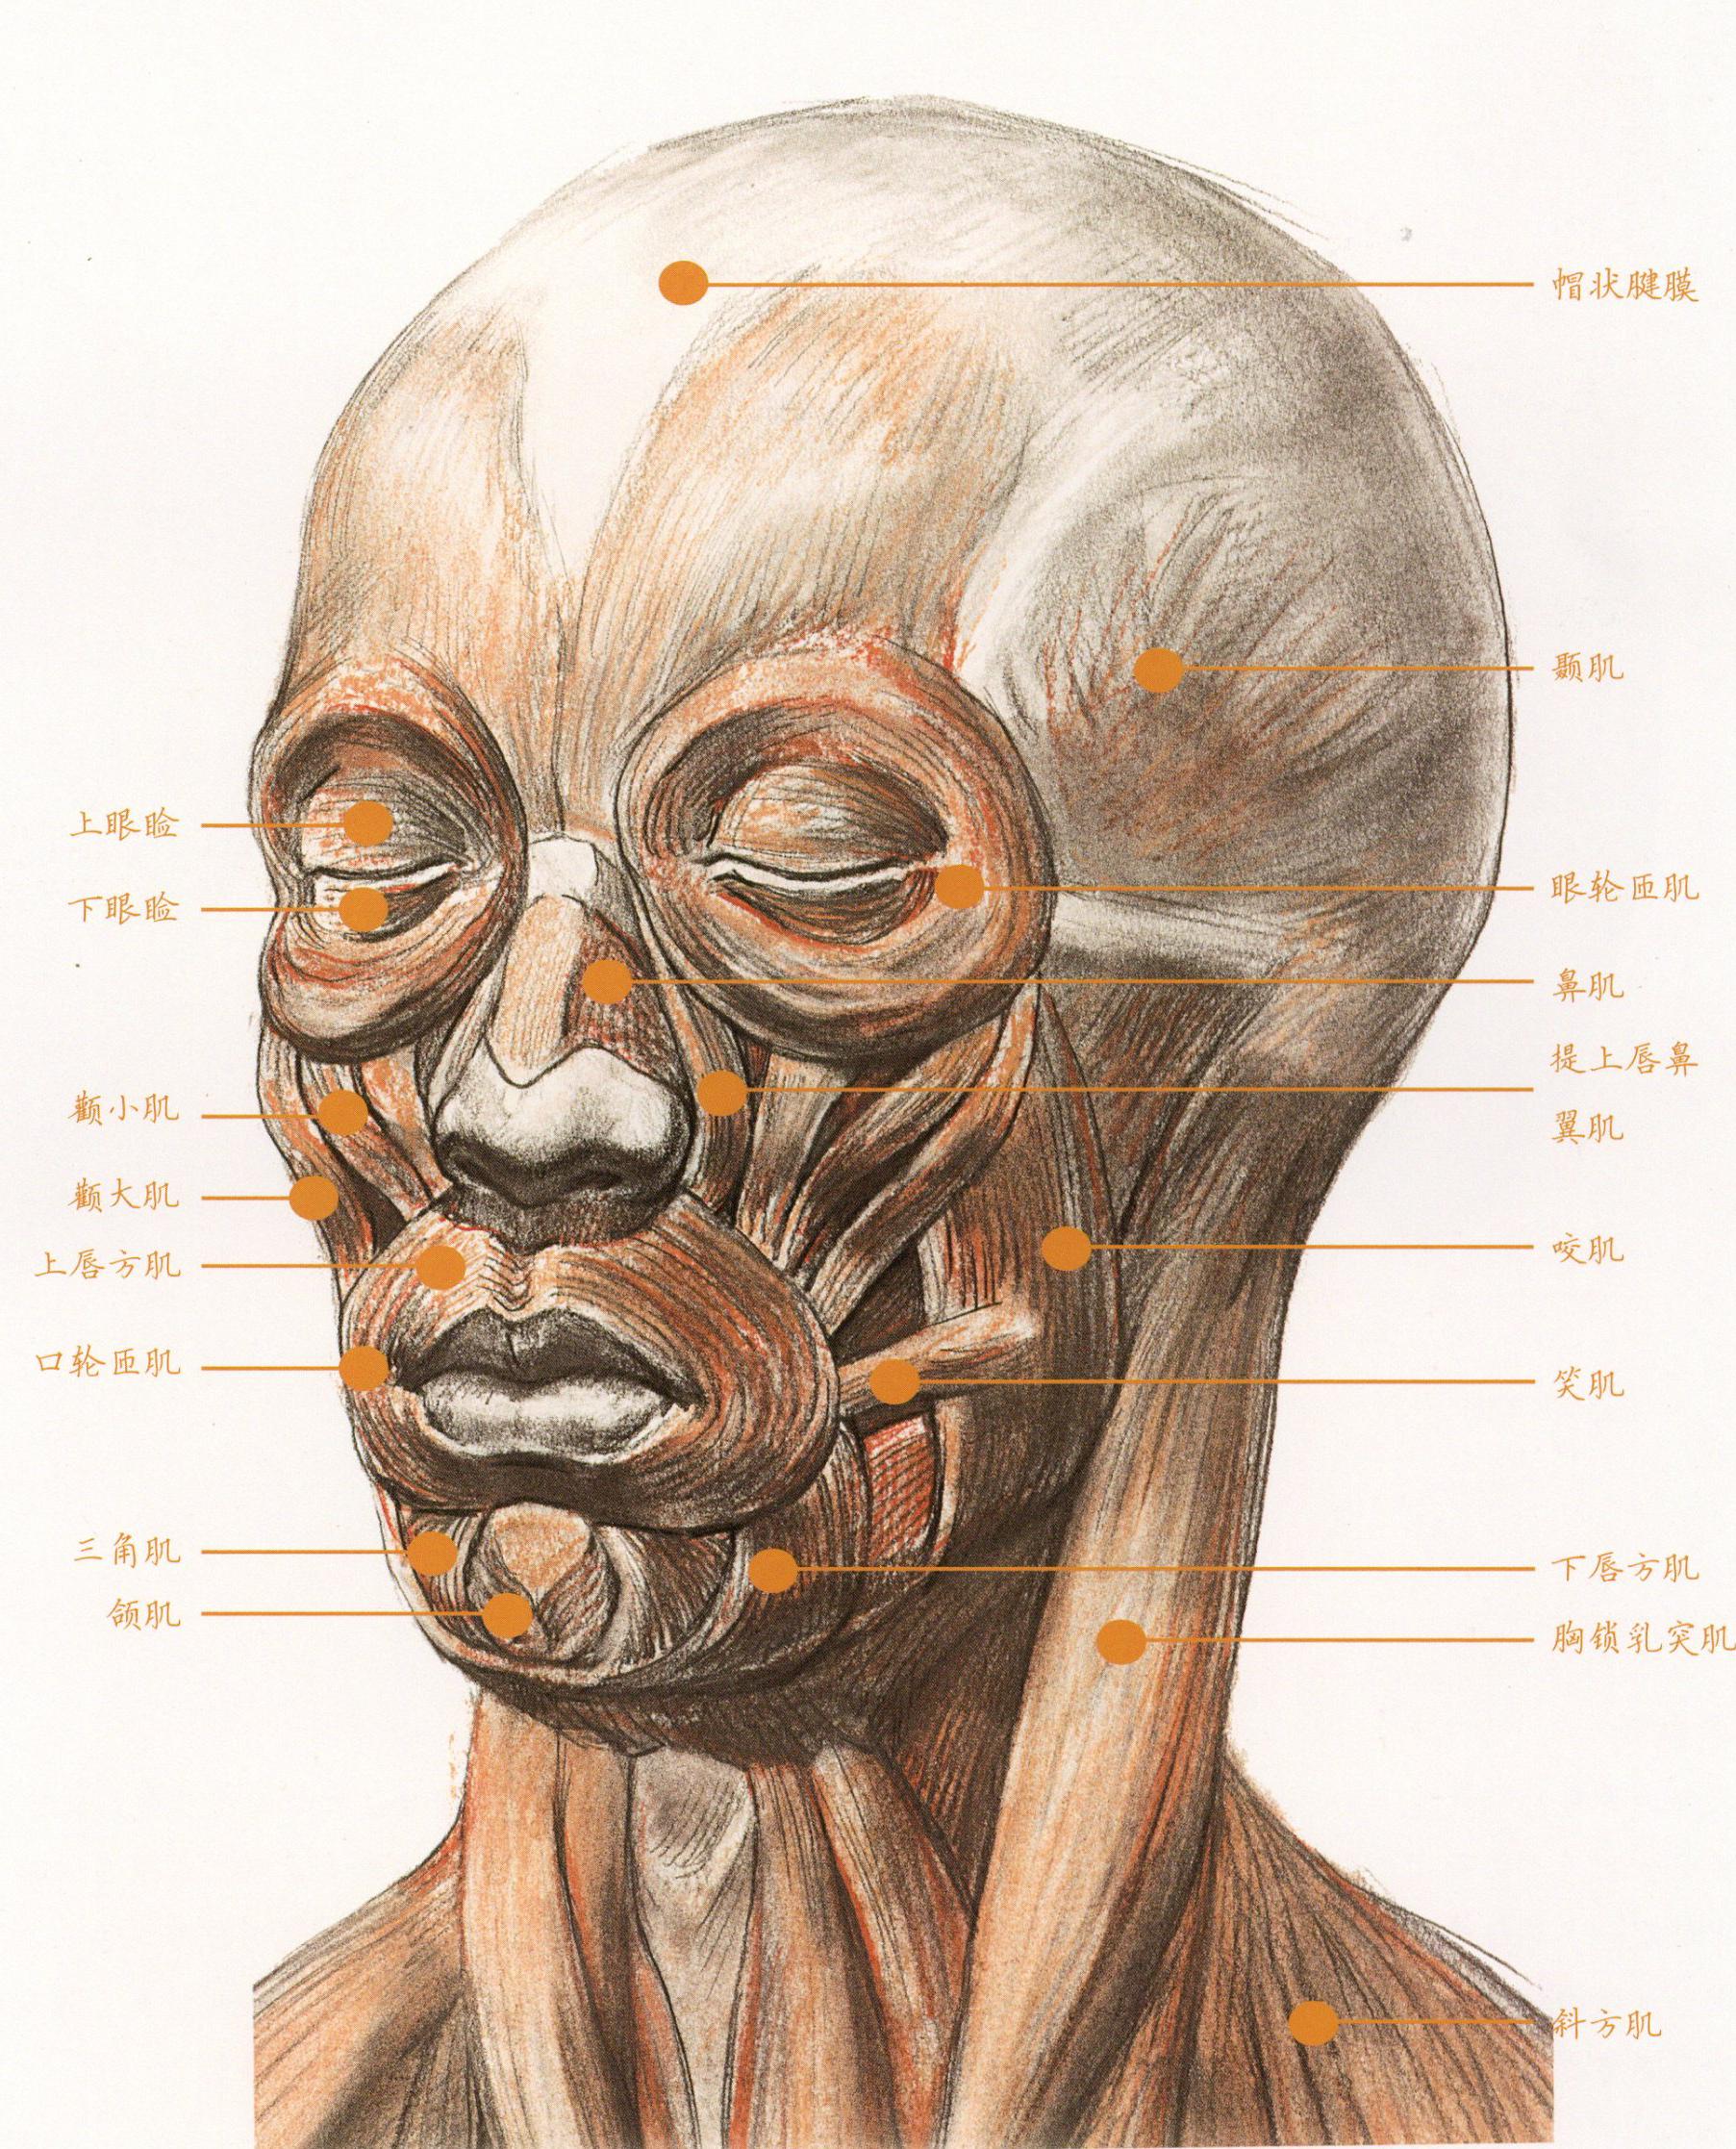 素描 面部肌肉分布你都不了解,怎么可能头像画的好呢?